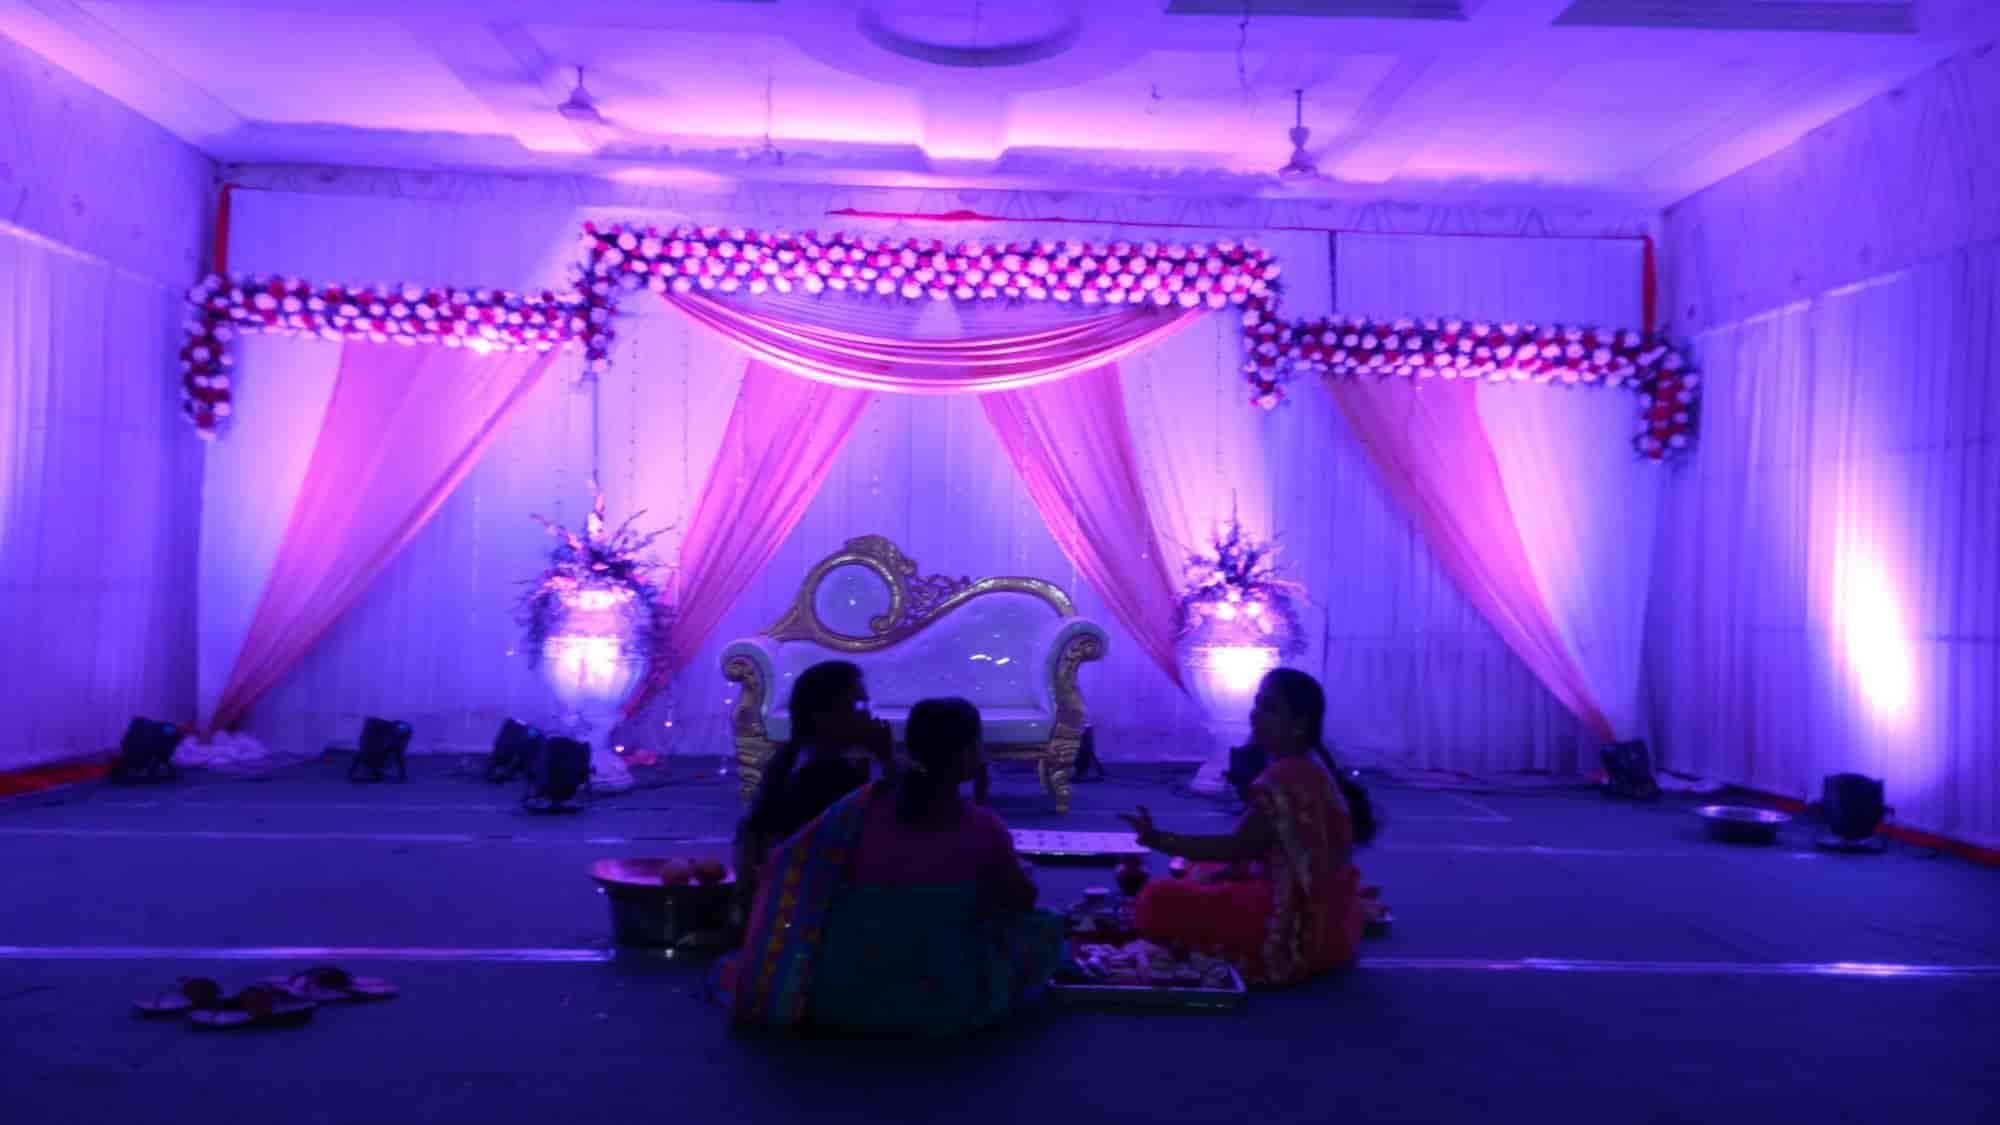 Ganesh Light Tent House & Ganesh Light Tent House Diamond Point-Sikh Village - Ganesha ...